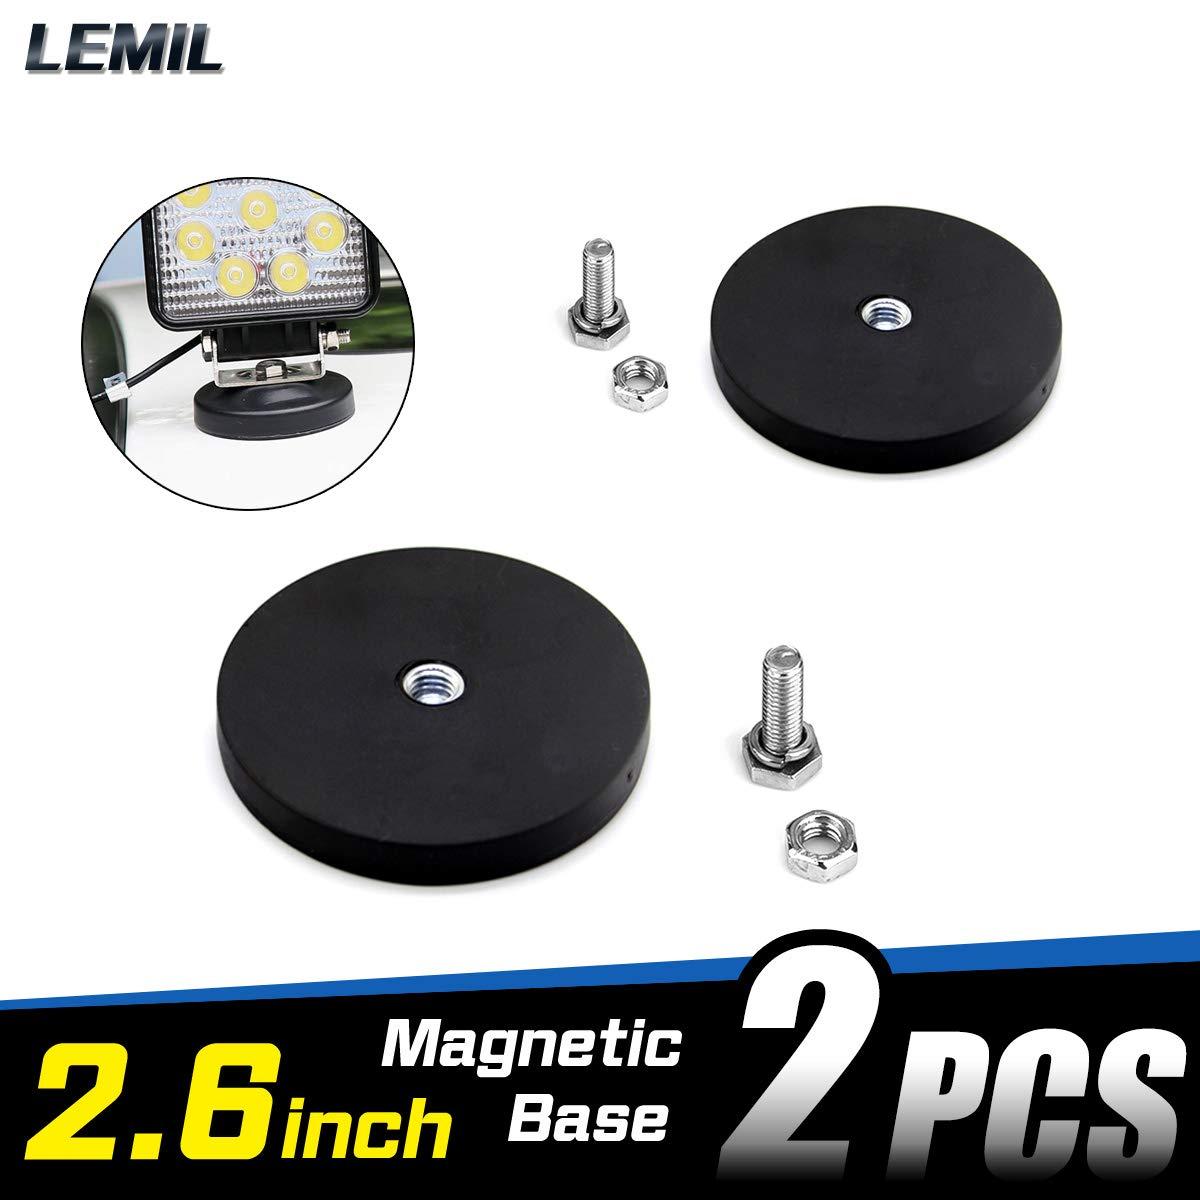 LEMIL 2pcs Magnetic Base Mount Bracket Sucker Holder with Rubber Pad for LED Work Light LED Light Bar Talin Factor